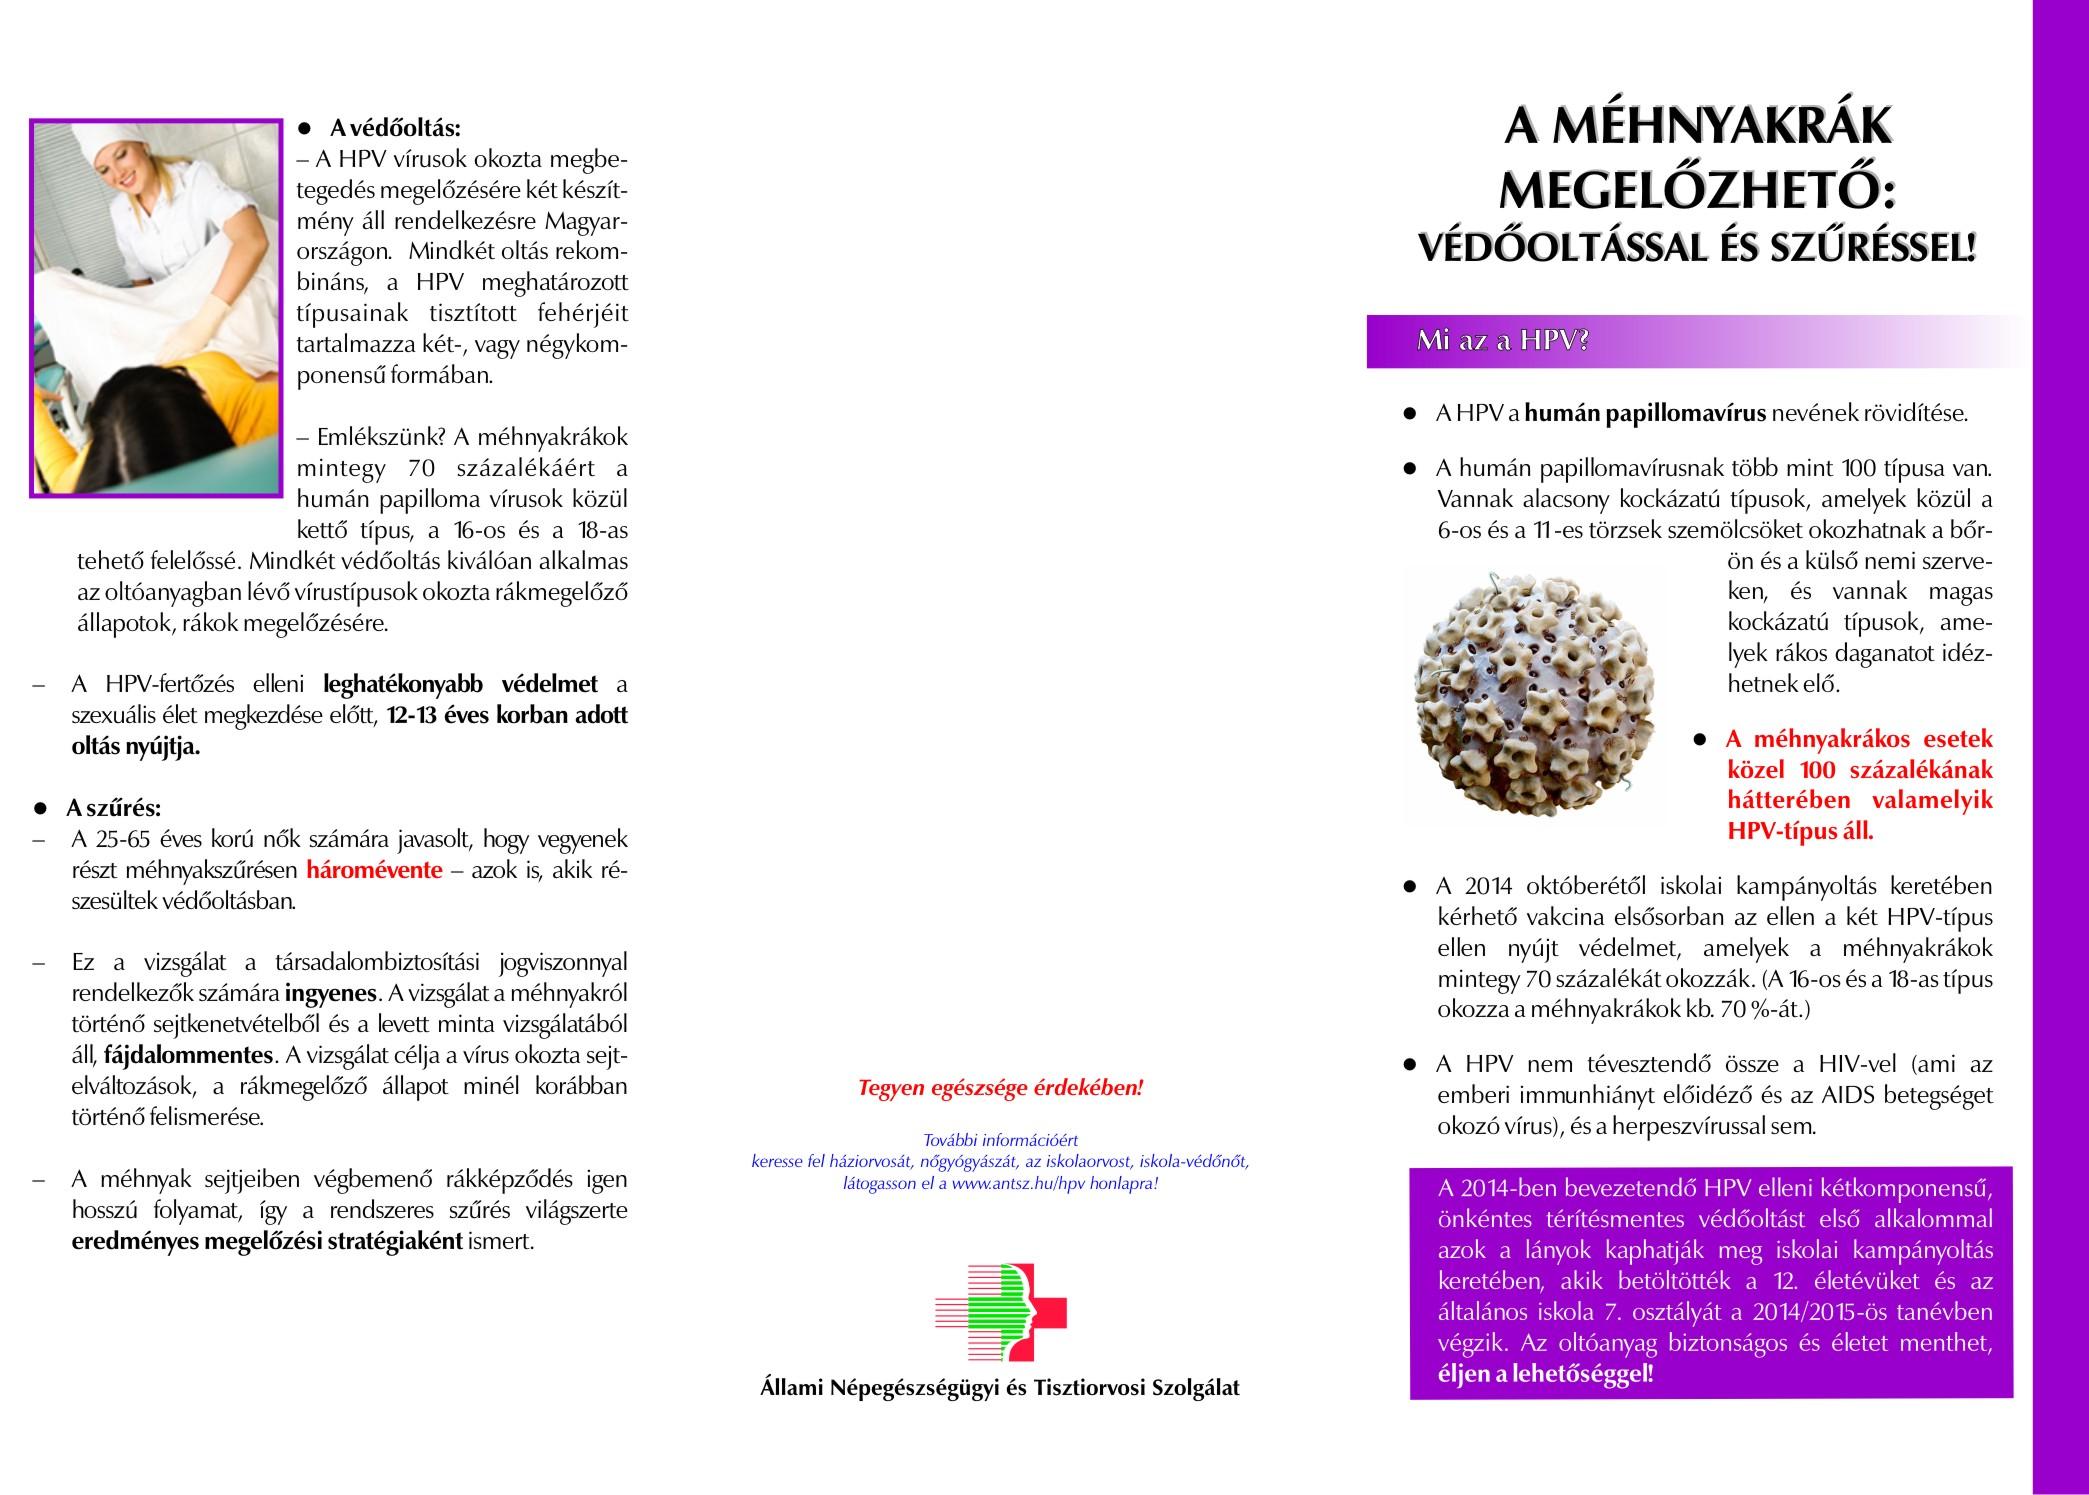 herpeszvírus vagy hpv